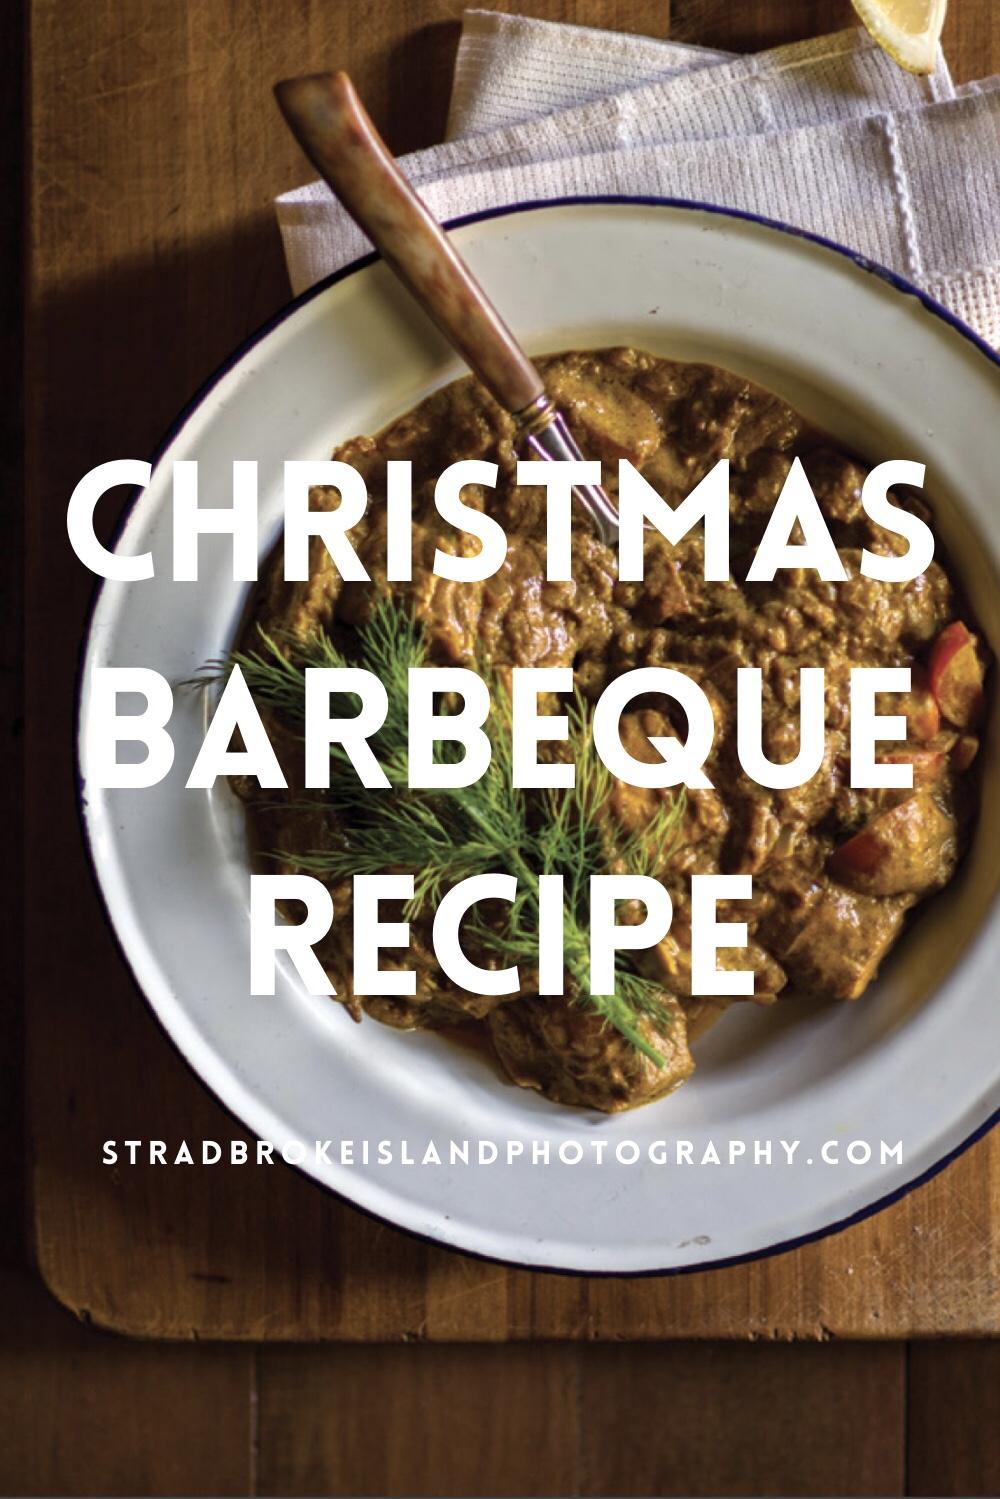 Naked Flame | Eat Drink and Be Straddie | Stradbroke Island | seafood cookbook